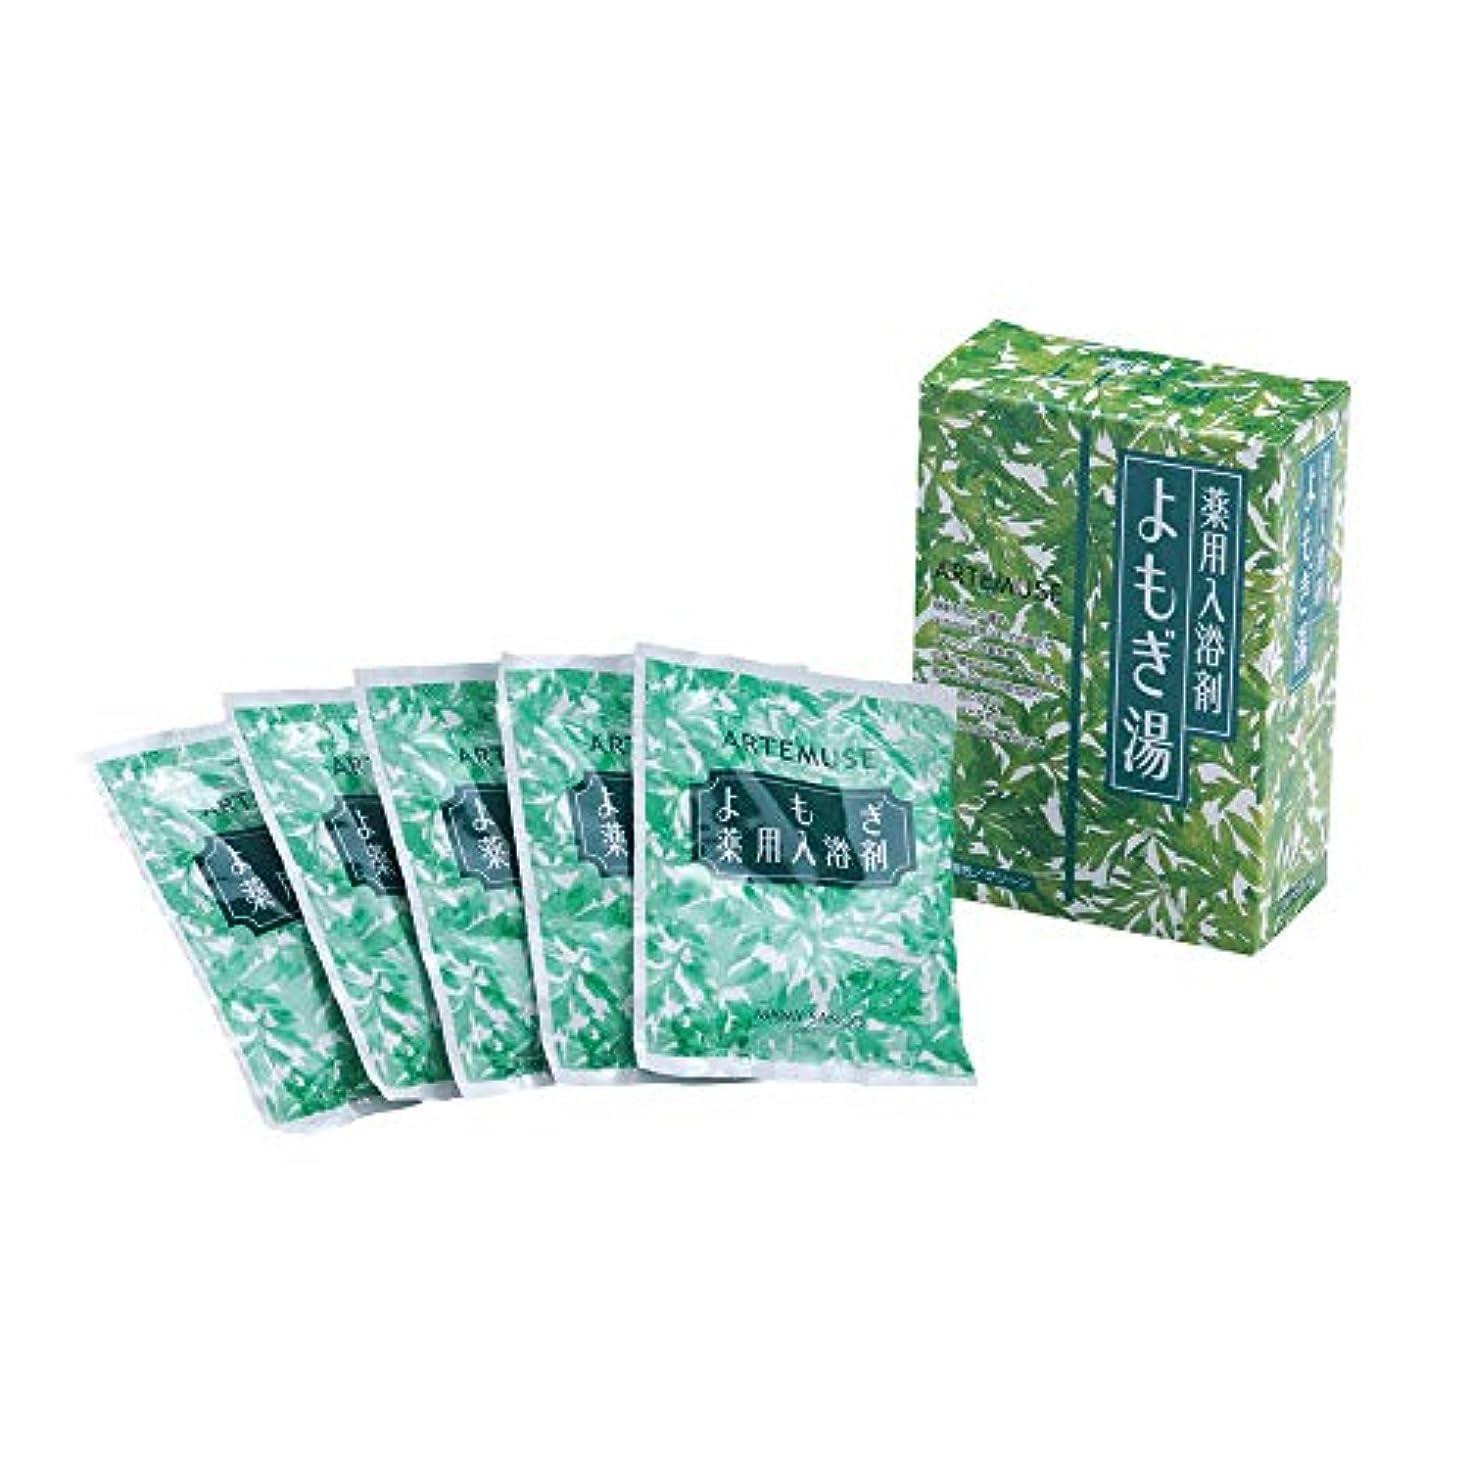 焦げ保守的休眠マミーサンゴ よもぎ入浴剤 薬用バスソルトA [分包タイプ] 30g×5包入 (1箱)